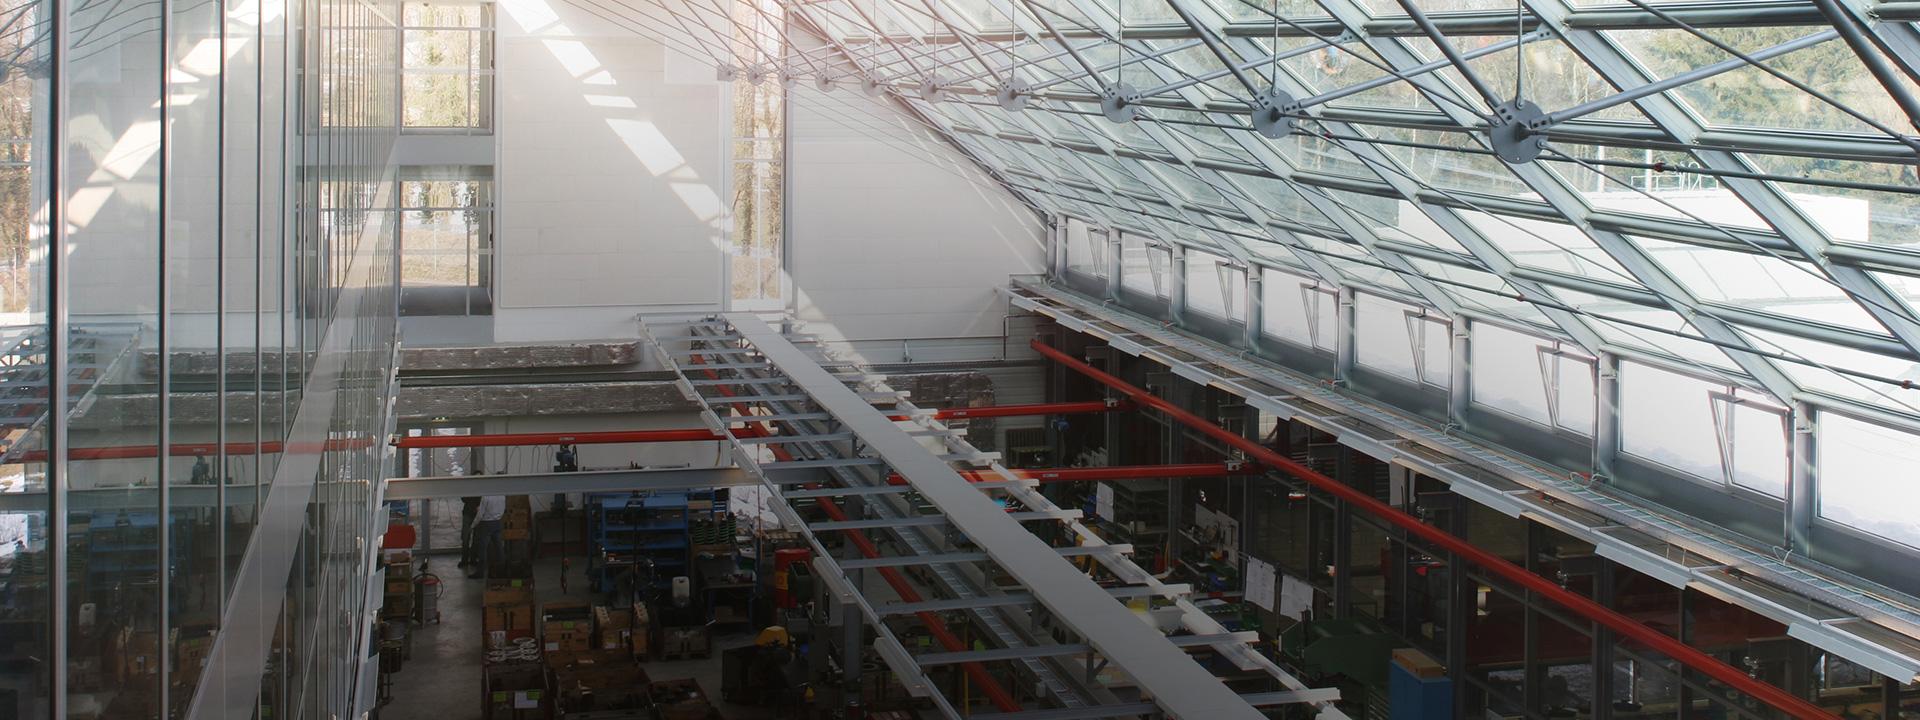 IE Industrial - Projekte derOptimierung und verbesserten Energieeffizienz